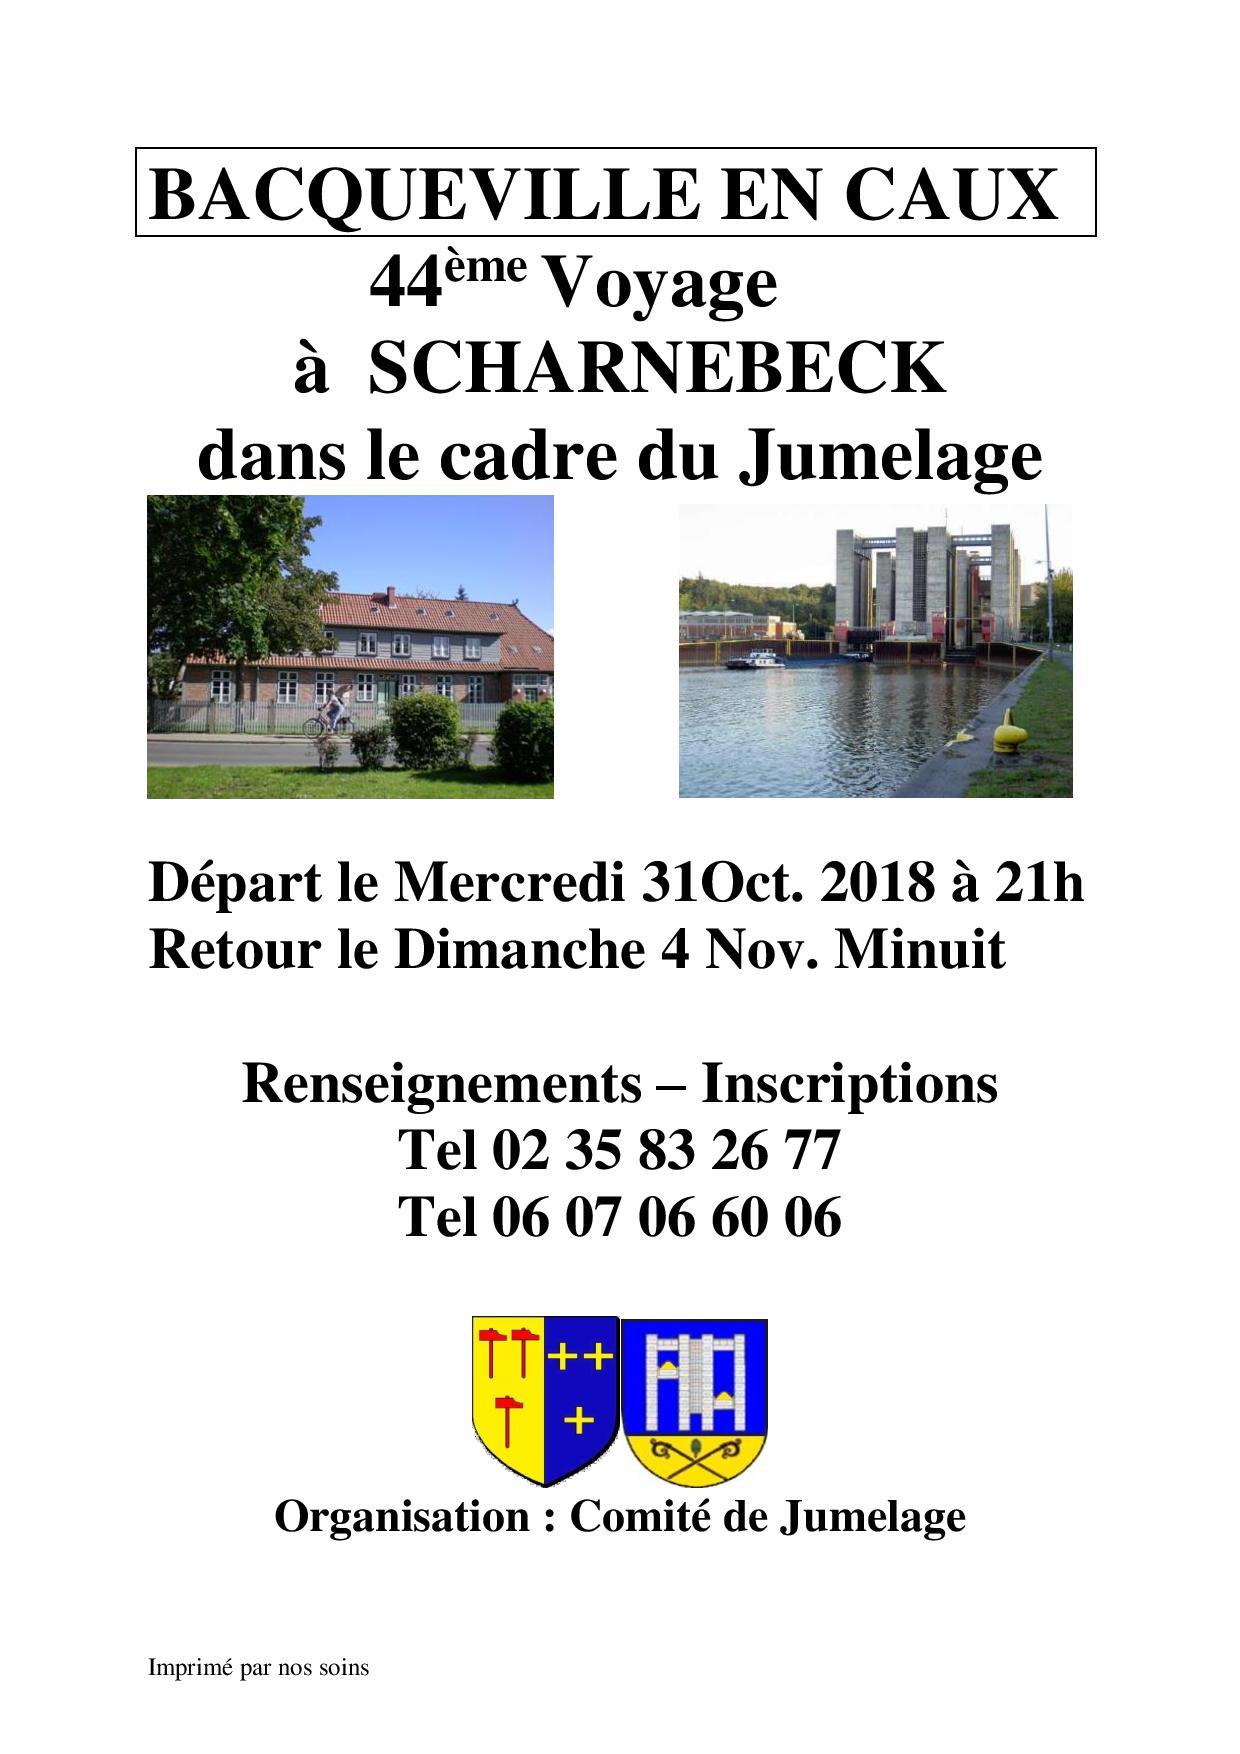 Voyage du jumelage à Scharnebeck